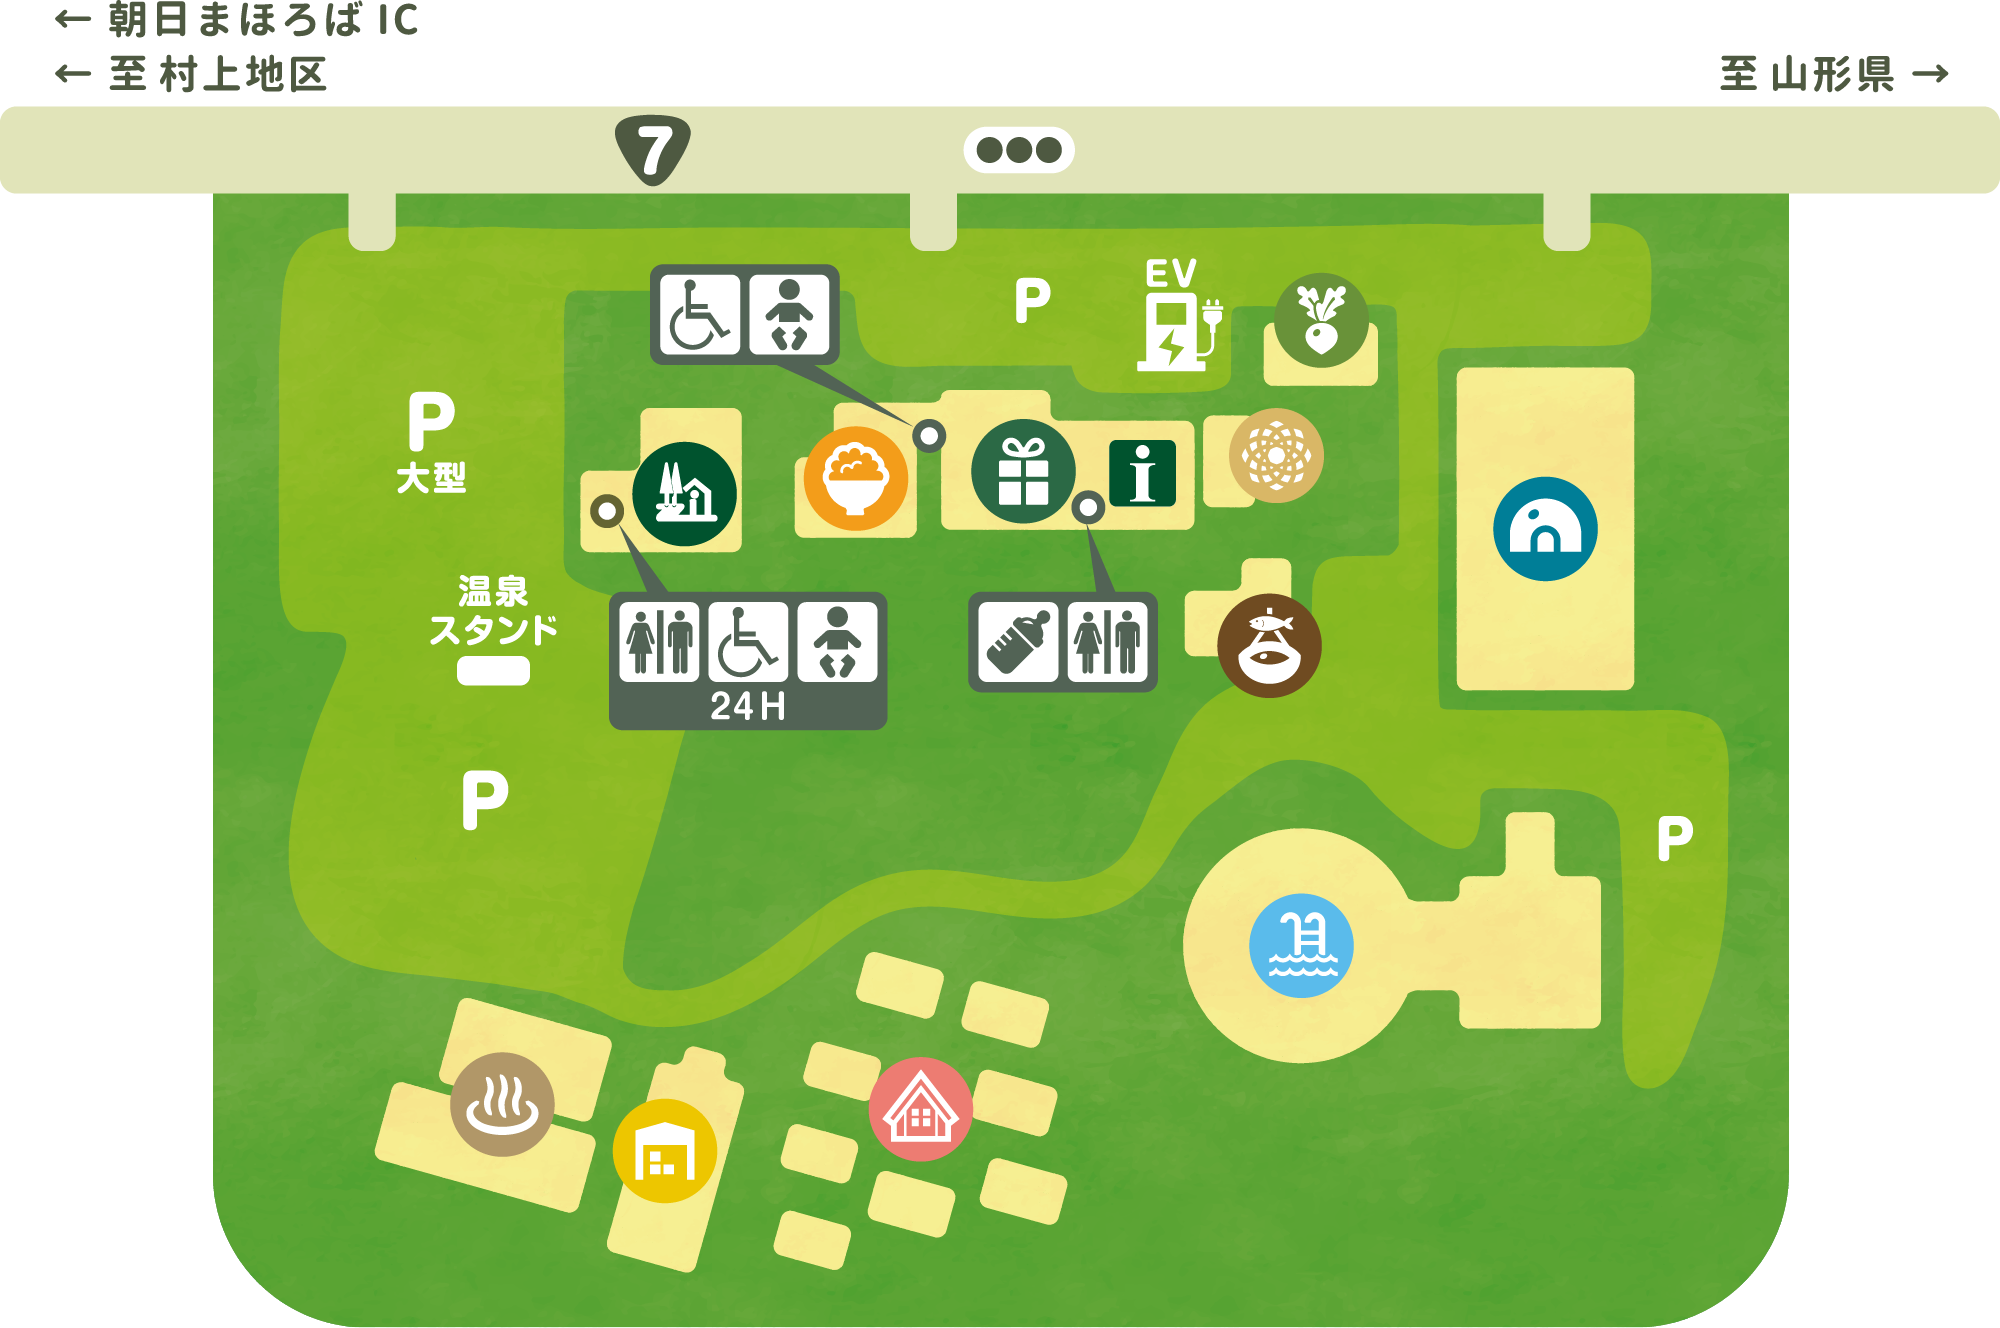 朝日みどりの里 敷地内マップ